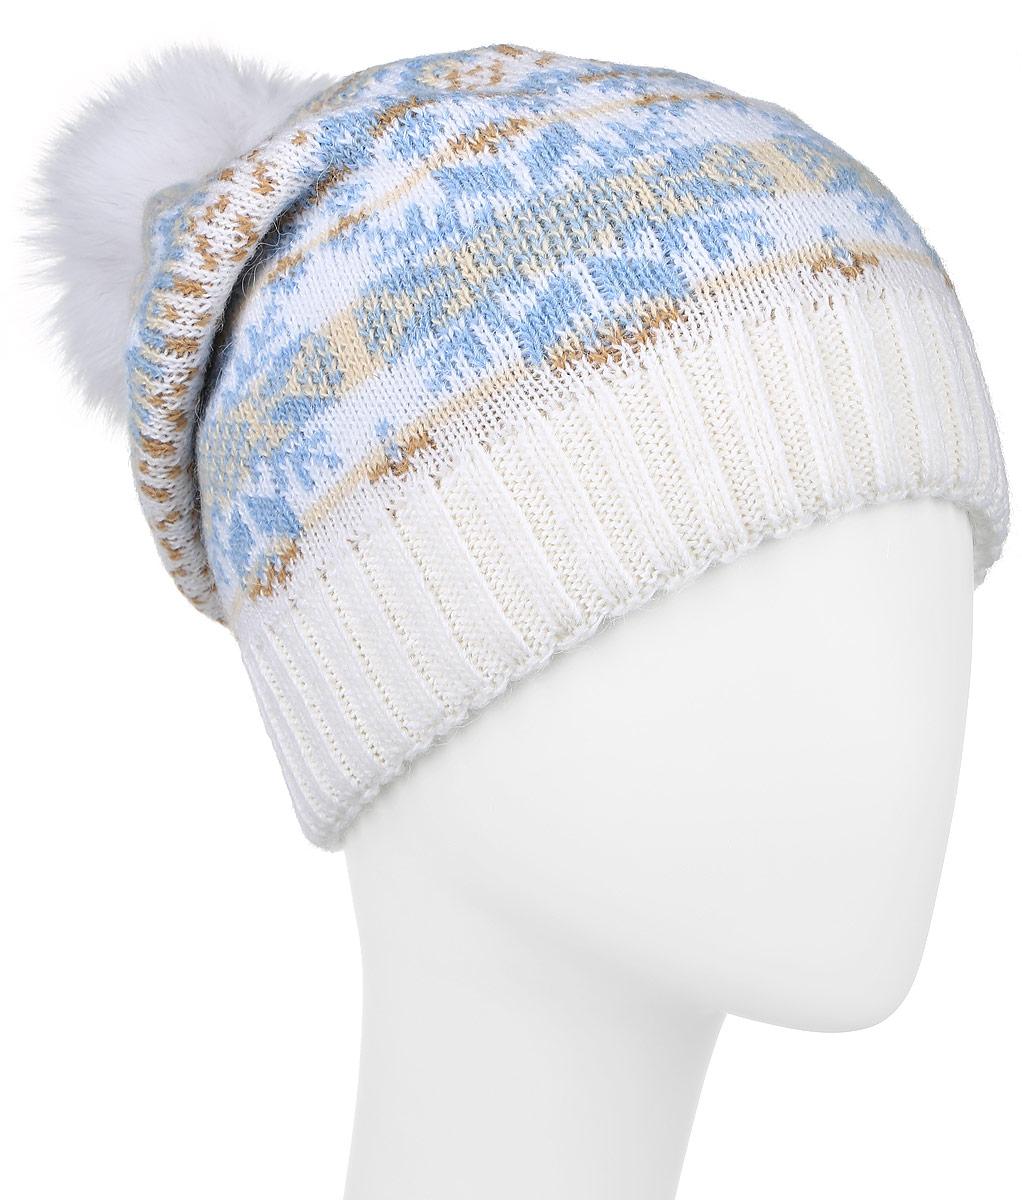 Шапка женская Finn Flare, цвет: белый, голубой. W16-12127_201. Размер 56W16-12127_201Стильная женская шапка Finn Flare дополнит ваш наряд и не позволит вам замерзнуть в холодное время года. Шапка выполнена из высококачественной пряжи, что позволяет ей великолепно сохранять тепло и обеспечивает высокую эластичность и удобство посадки.Модель оформлена оригинальным орнаментом и дополнена пушистым помпоном из меха песца. Такая шапка станет модным и стильным дополнением вашего гардероба.Уважаемые клиенты!Размер, доступный для заказа, является обхватом головы.